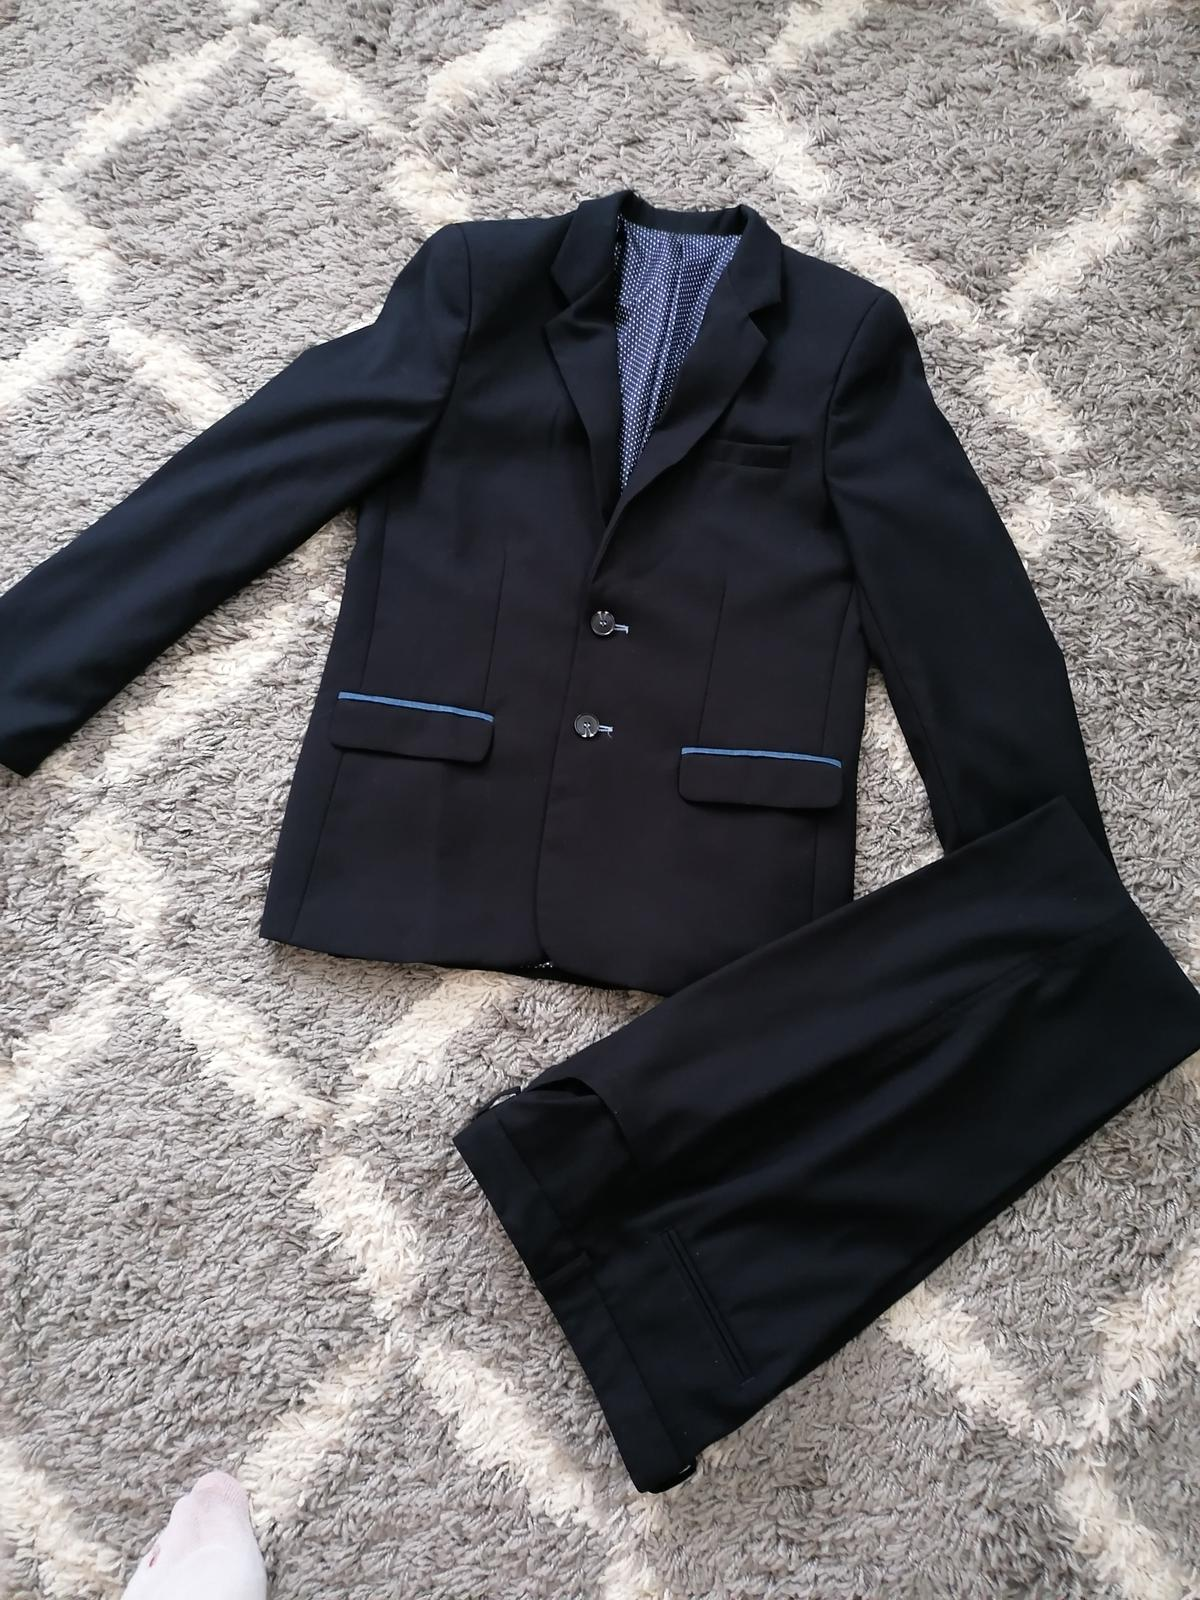 Tmavomodrý oblek  - Obrázok č. 1